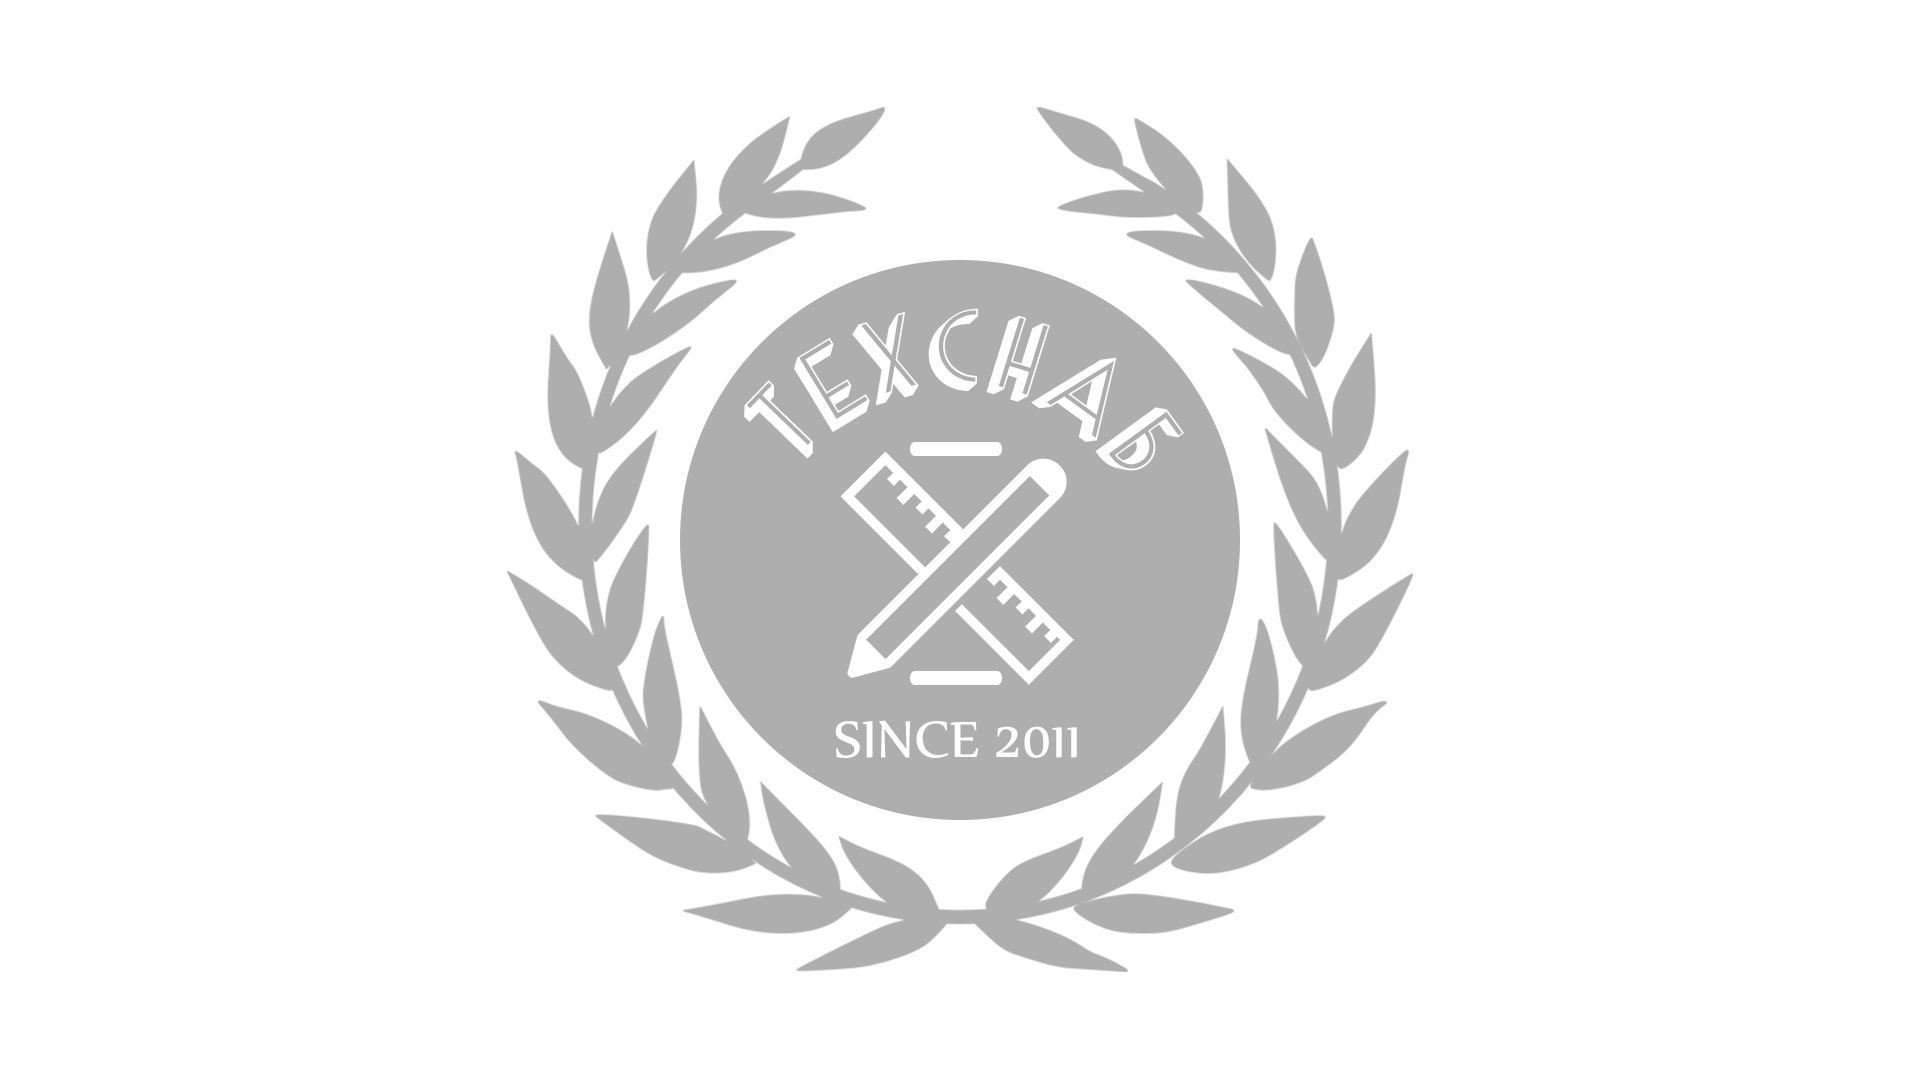 Разработка логотипа и фирм. стиля компании  ТЕХСНАБ фото f_9905b1bc8a162e94.png